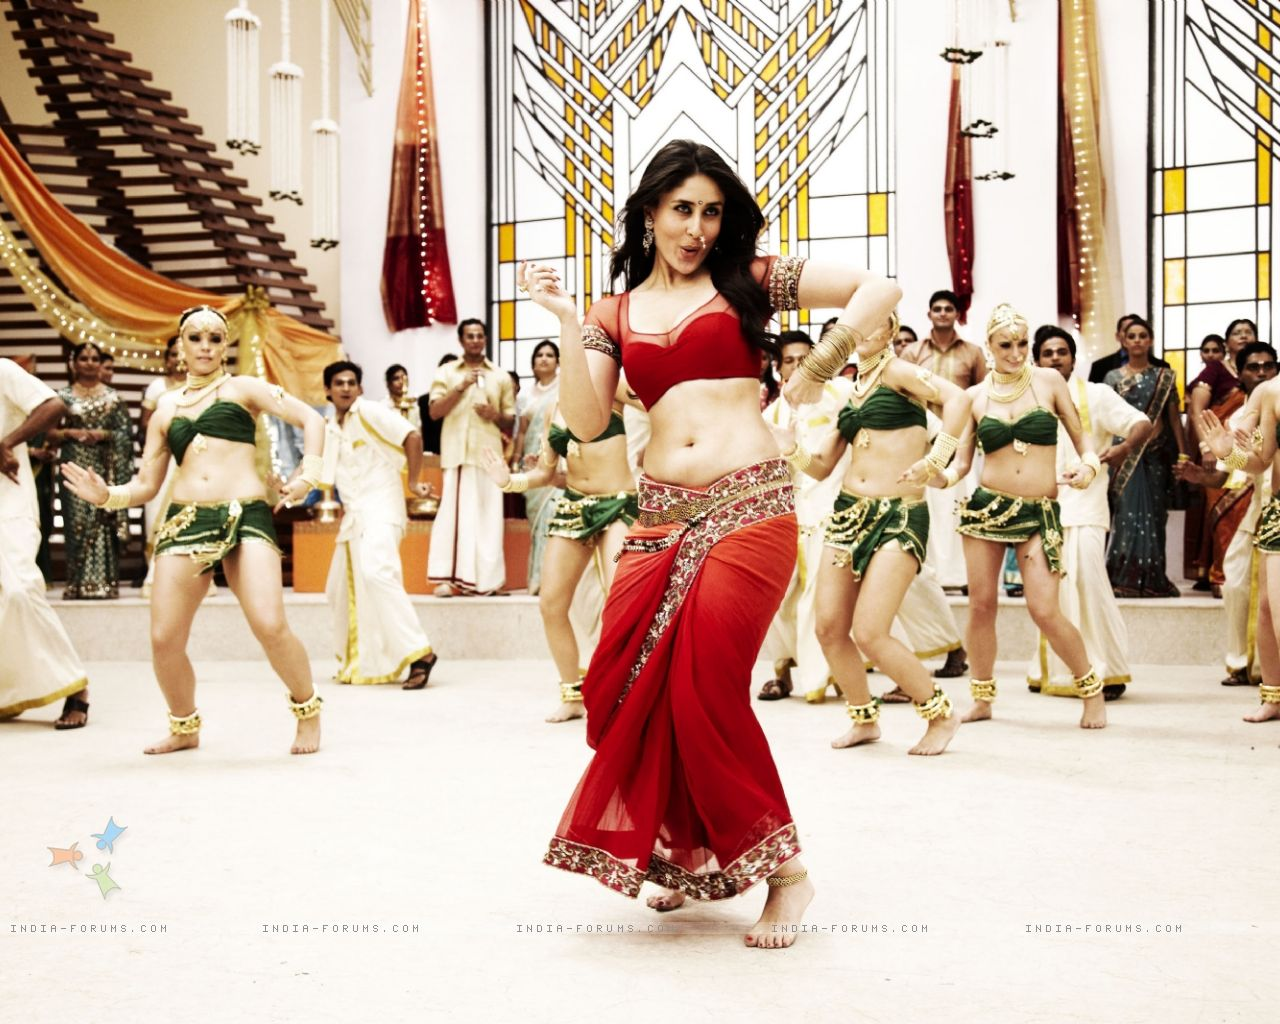 Prensesin Masalı: Bollywood